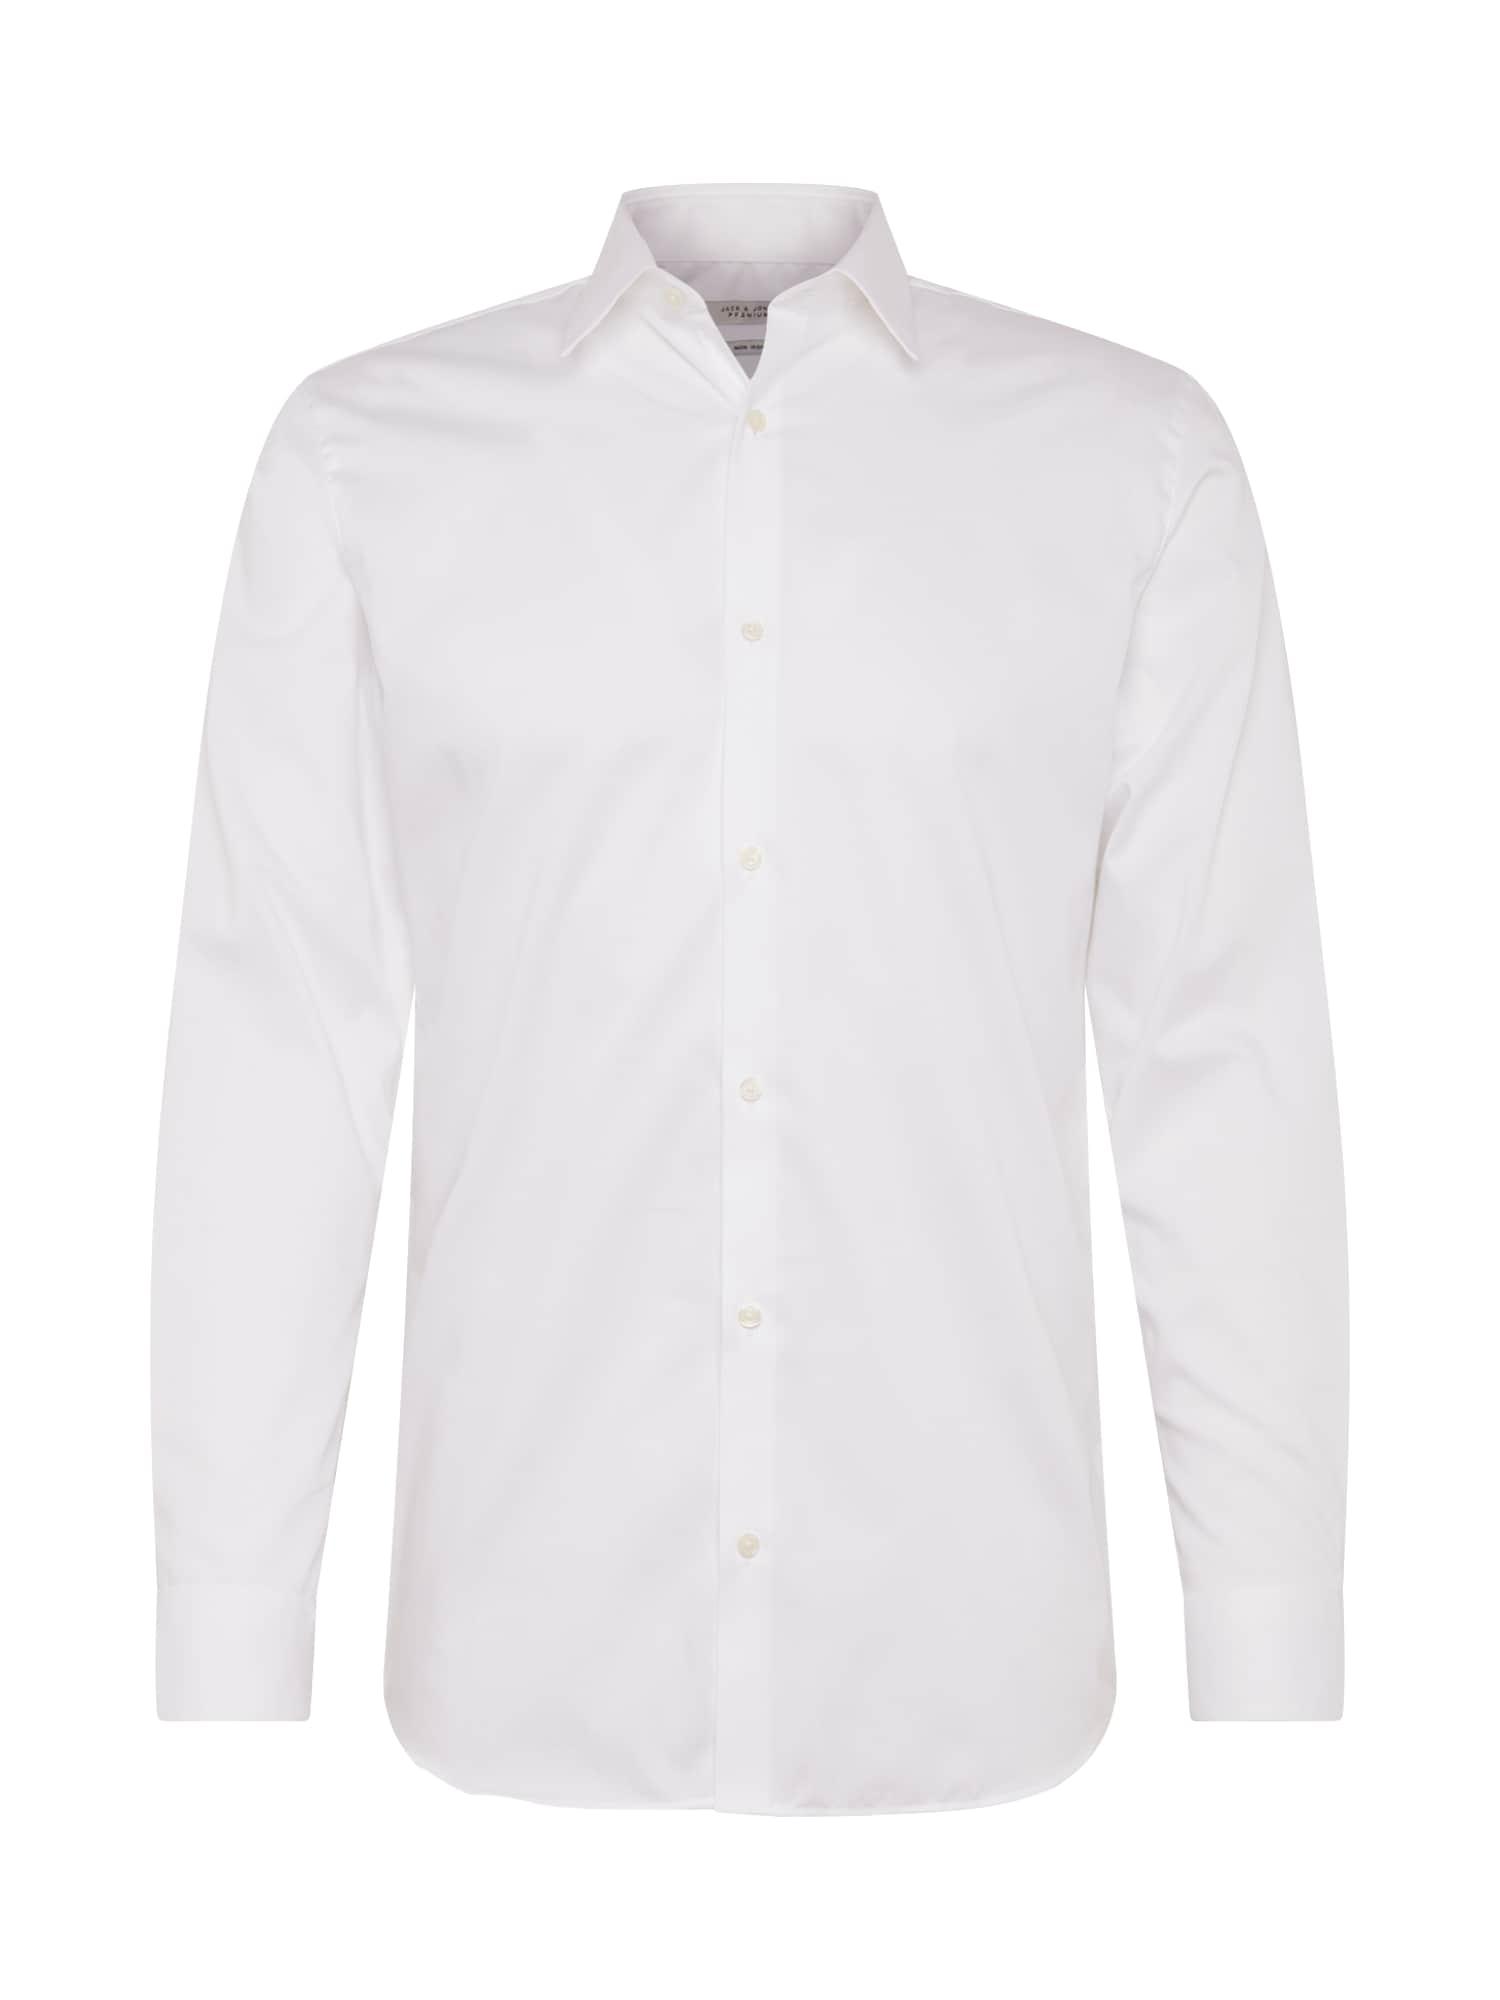 JACK & JONES Dalykinio stiliaus marškiniai balta